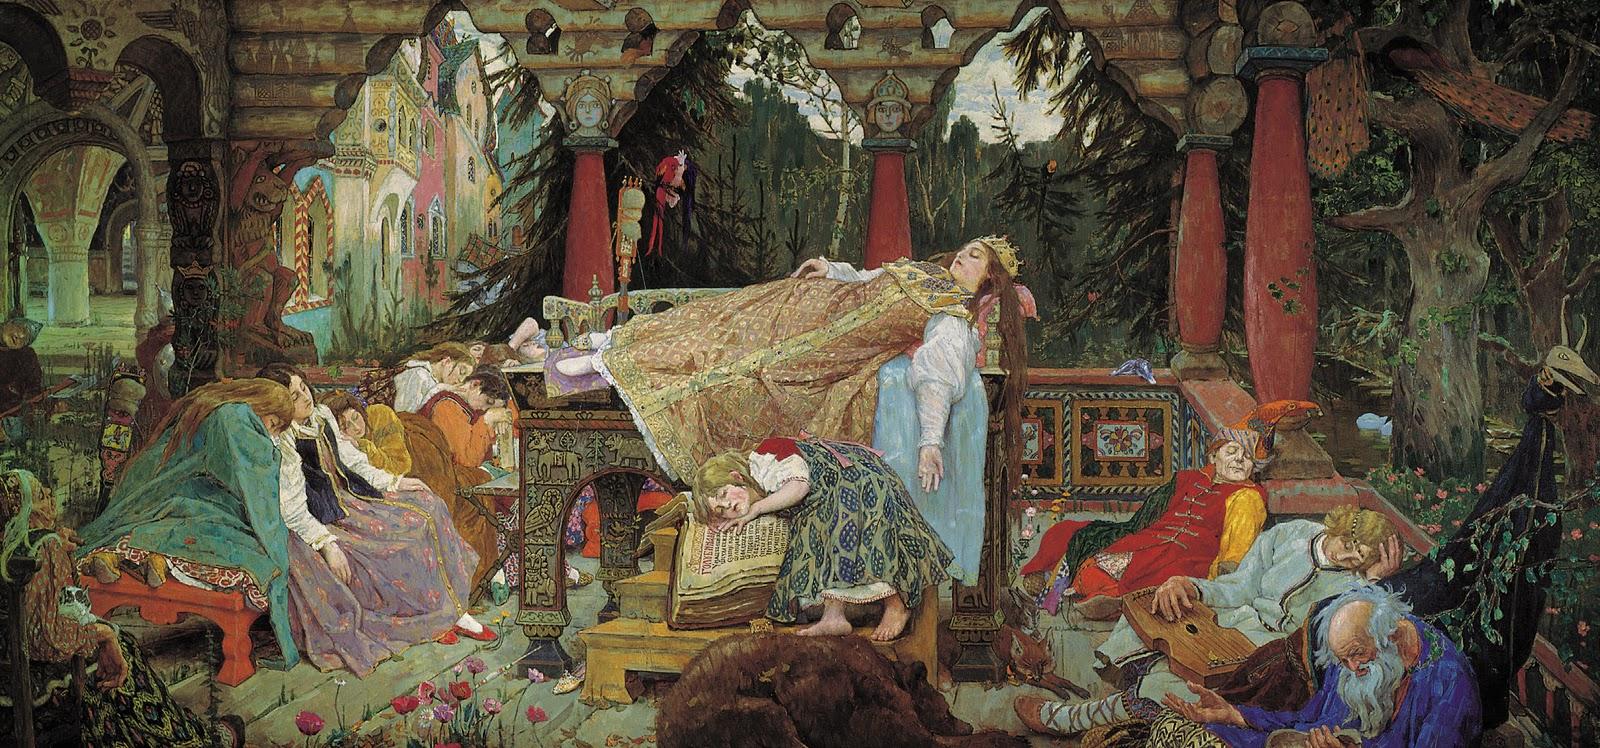 Coloriage Belle au bois dormant TFOU - coloriage la belle au bois dormant